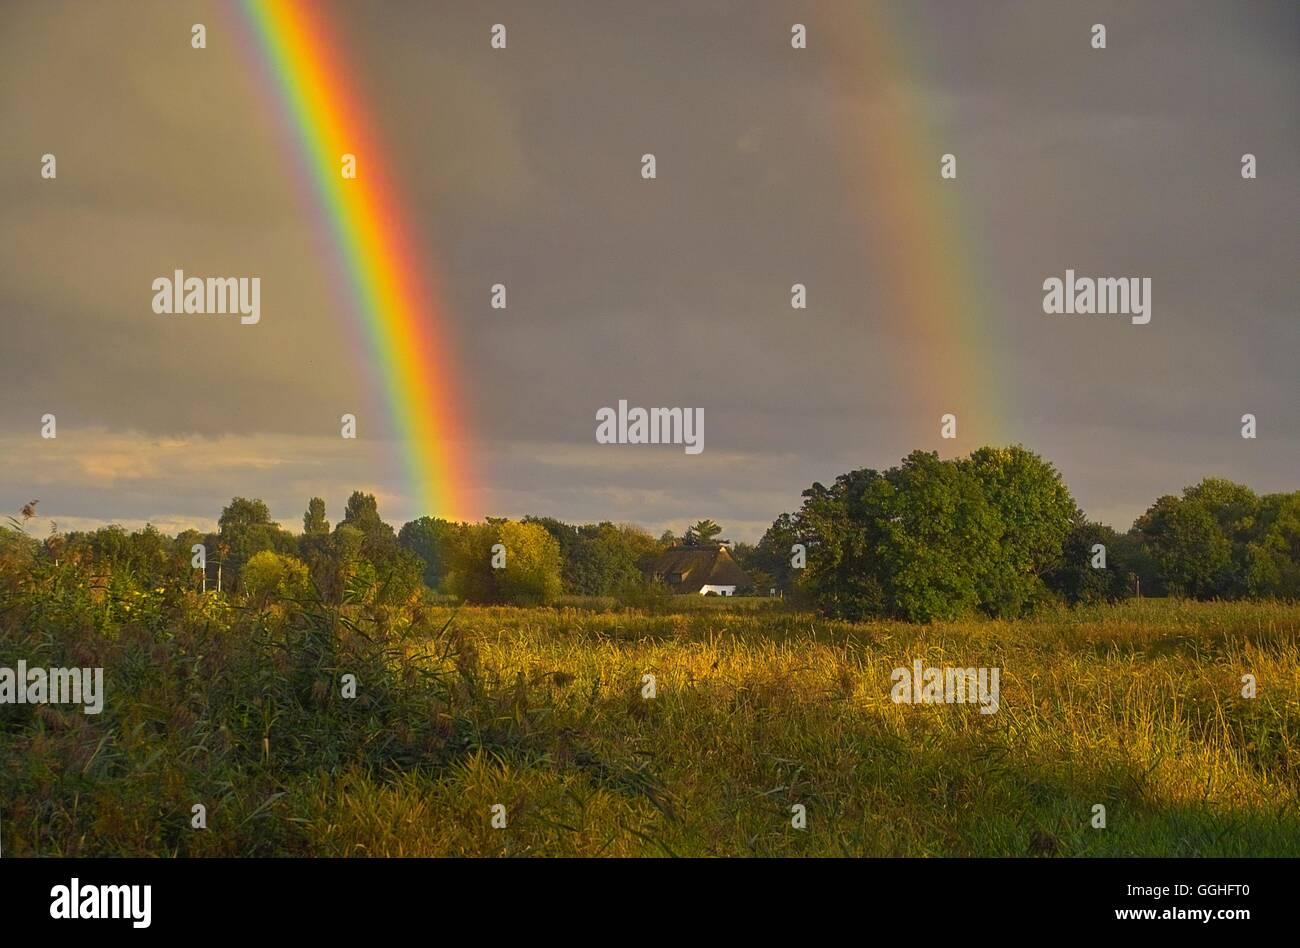 Double rainbow on landscape, pasture / Doppelter Regenbogen über Landschaft in Bremen-St Magnus, - Stock Image